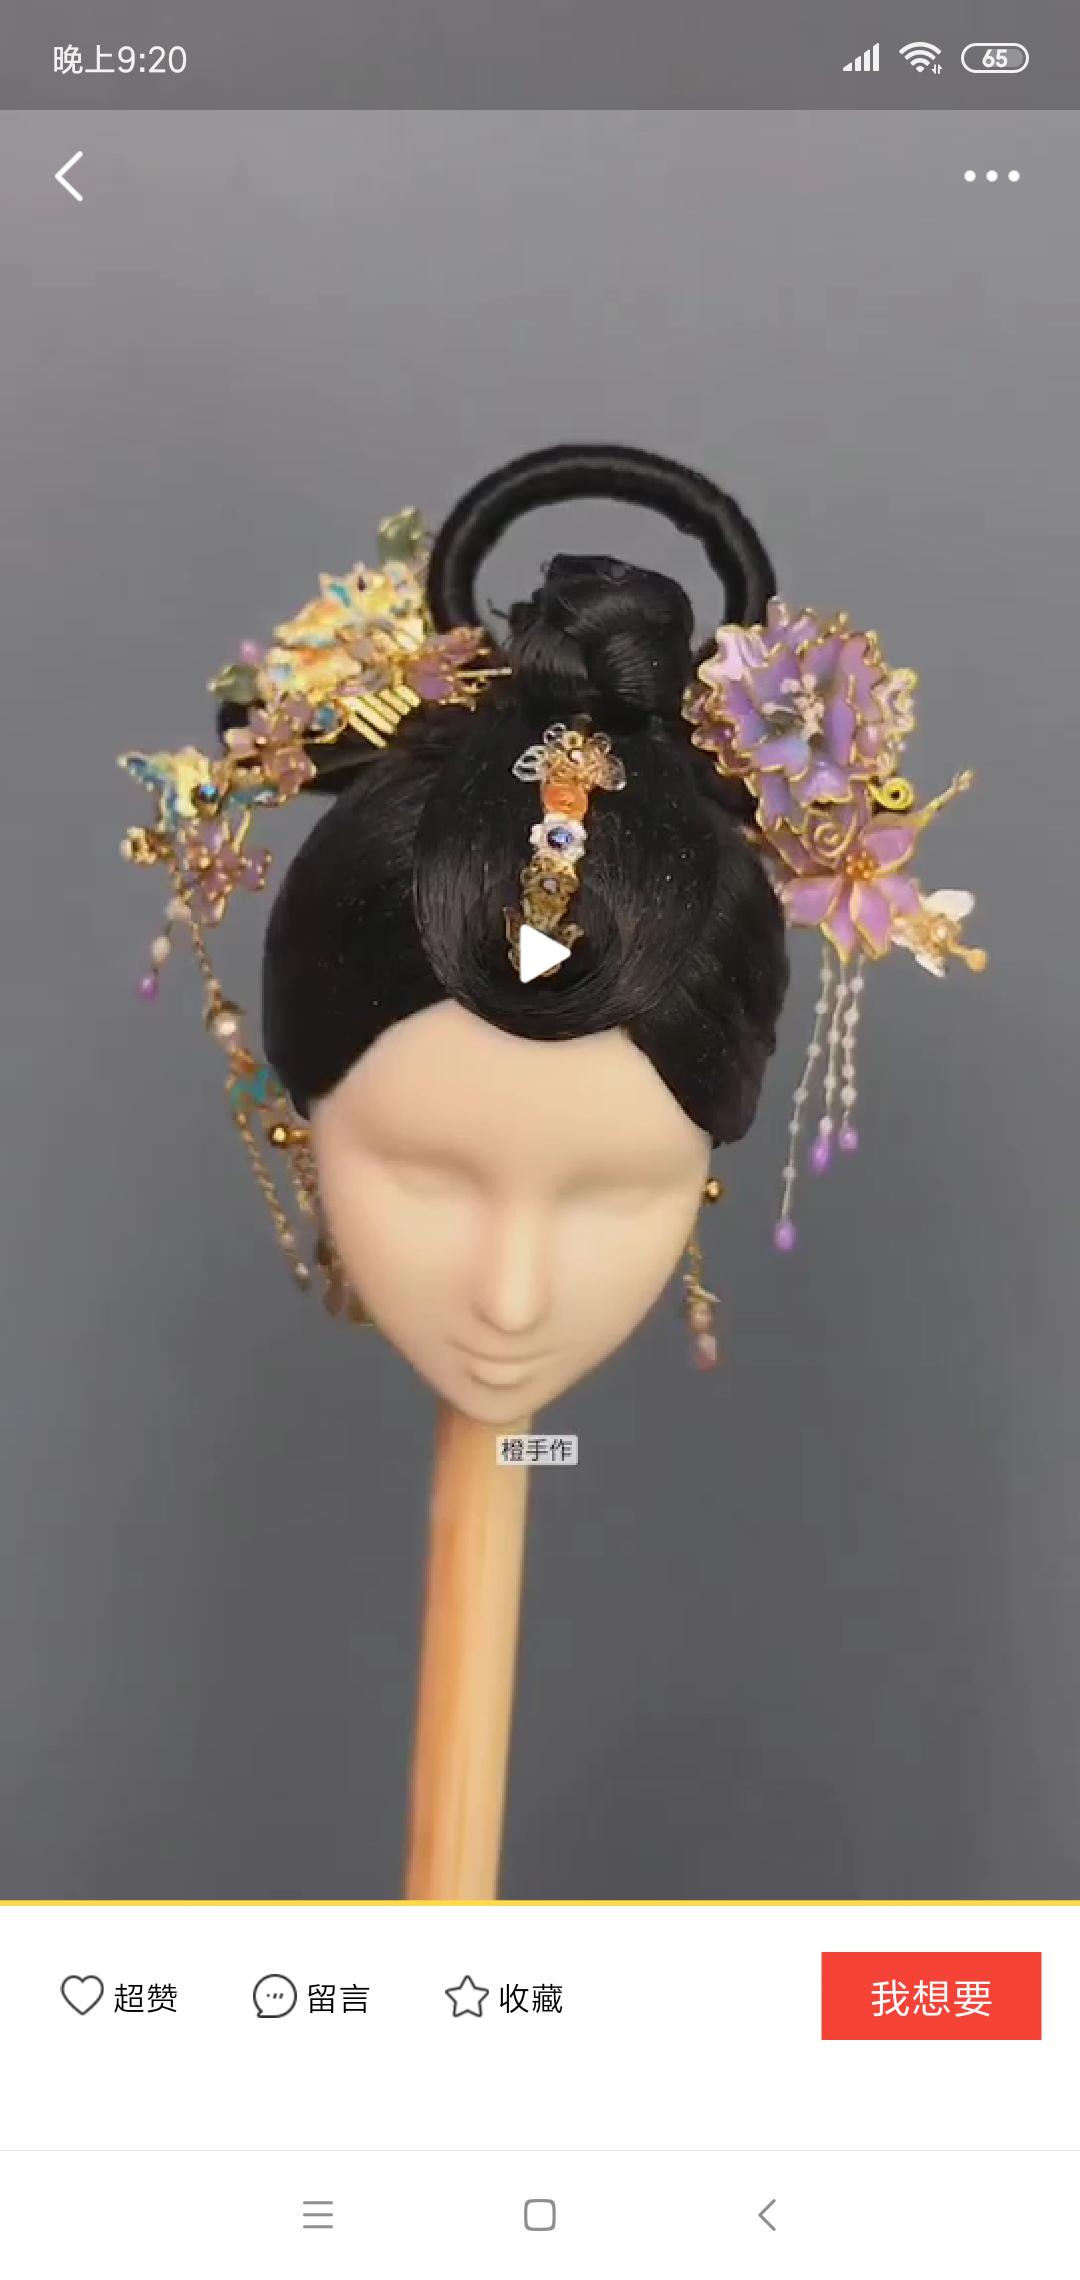 吴亦凡的菠萝头发型图片